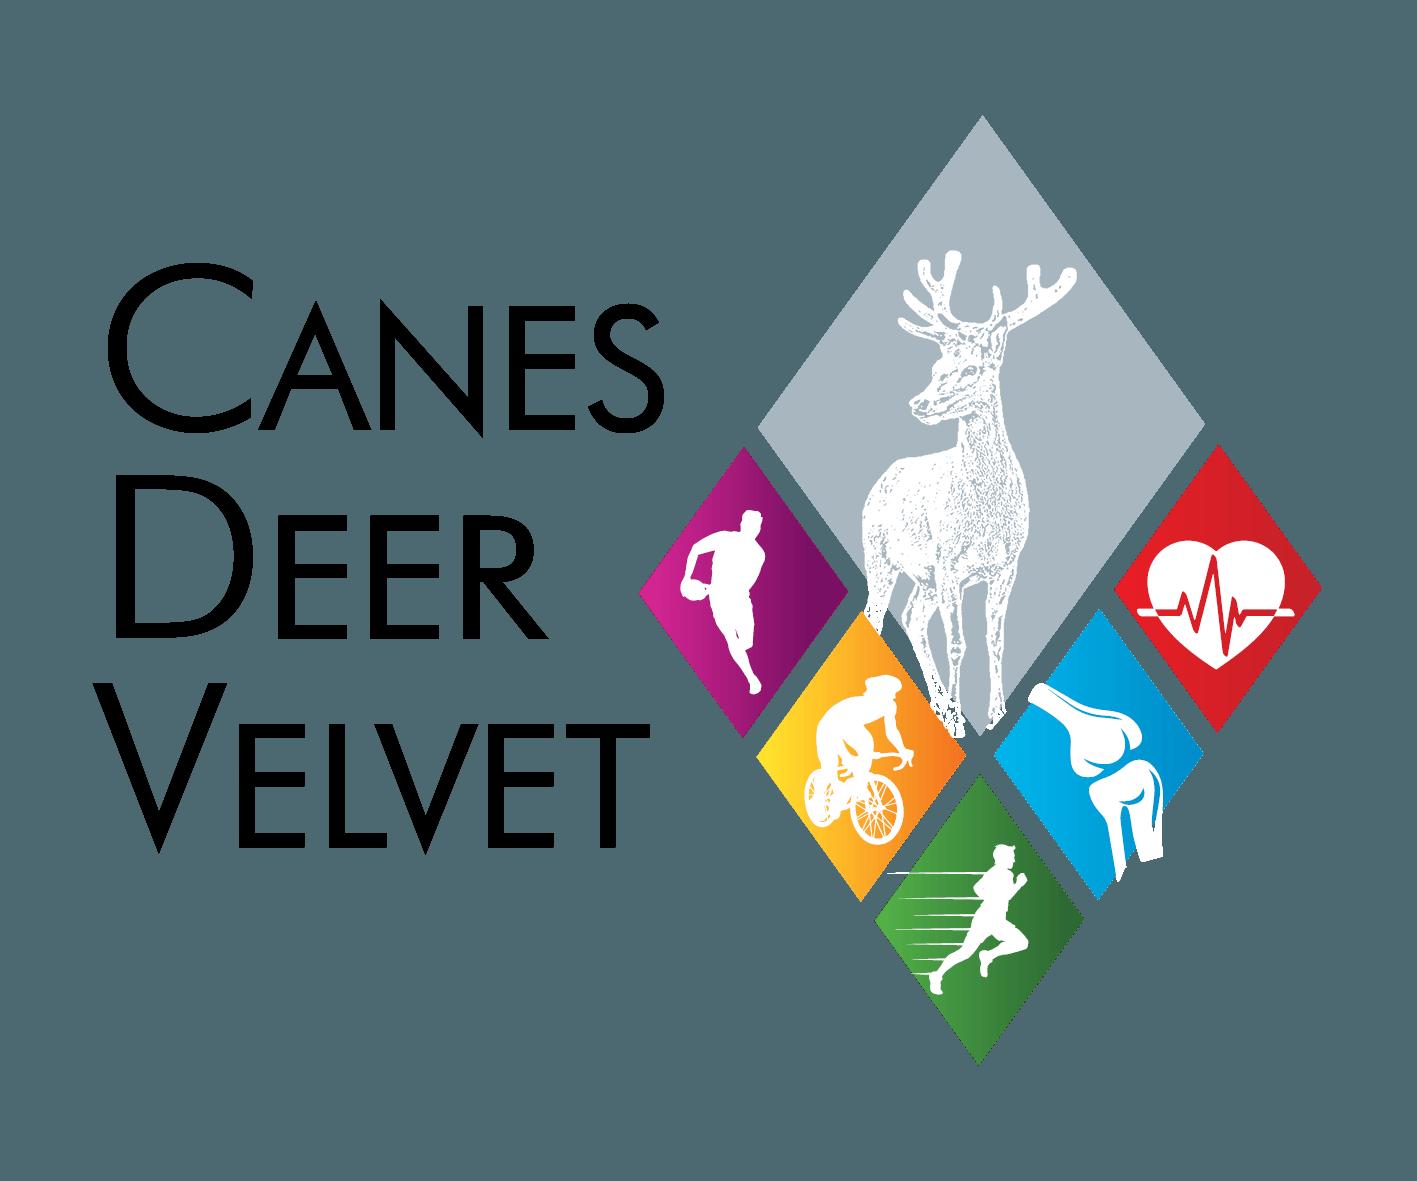 Canes Deer Velvet